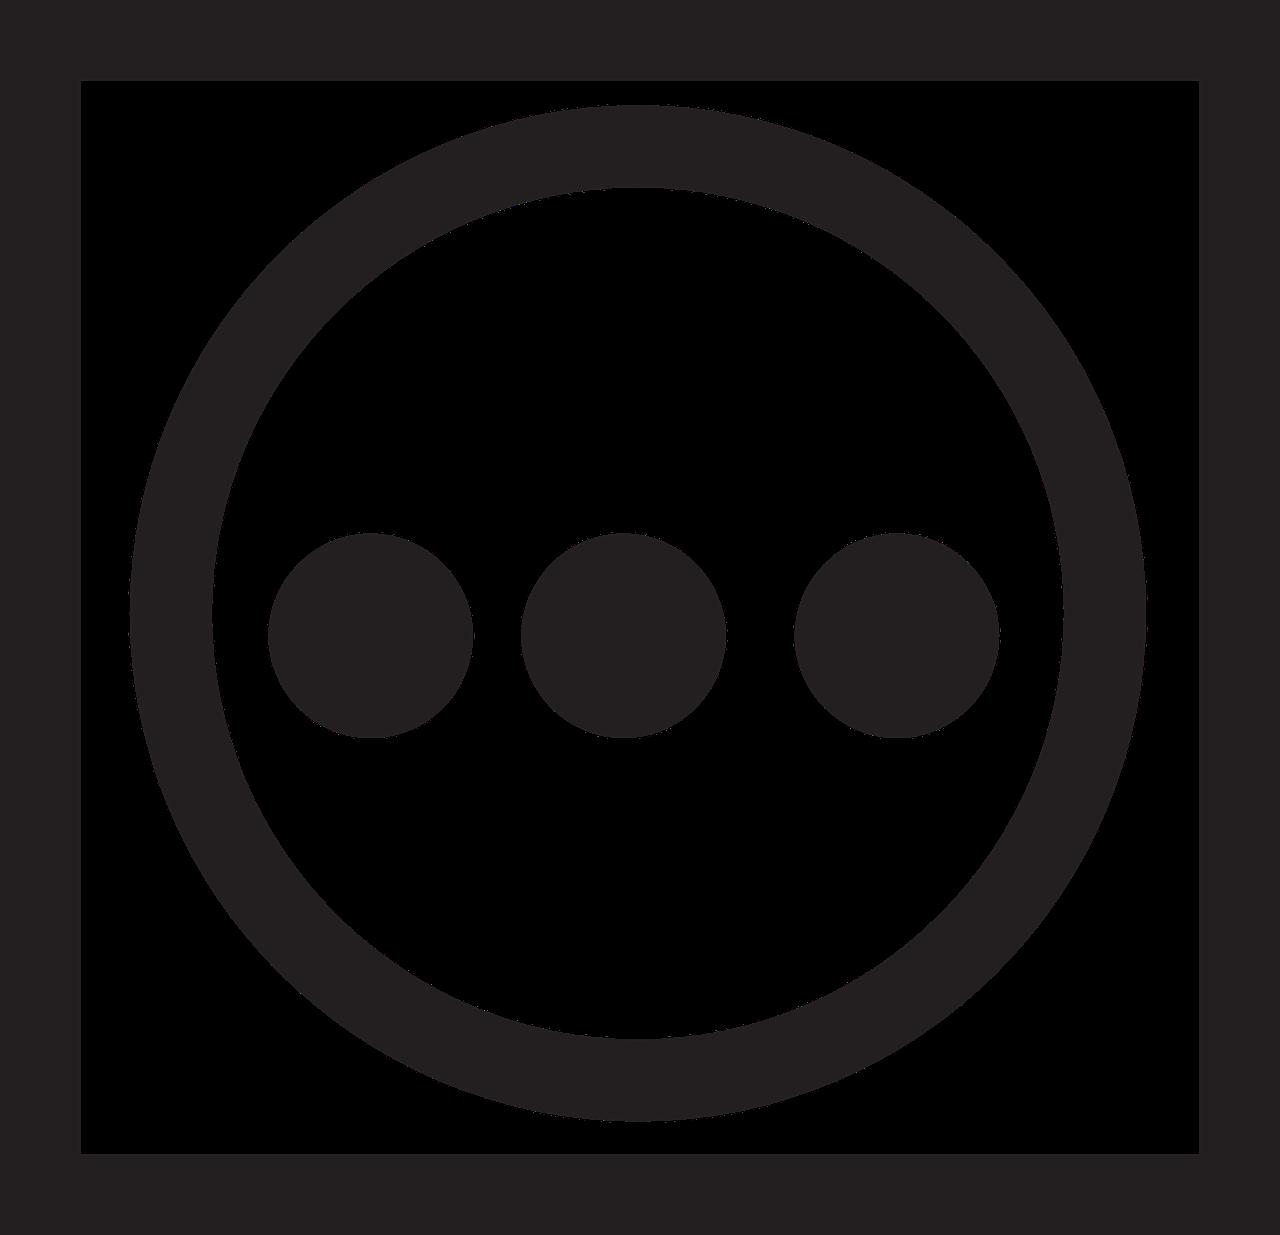 Wasch-icon-test